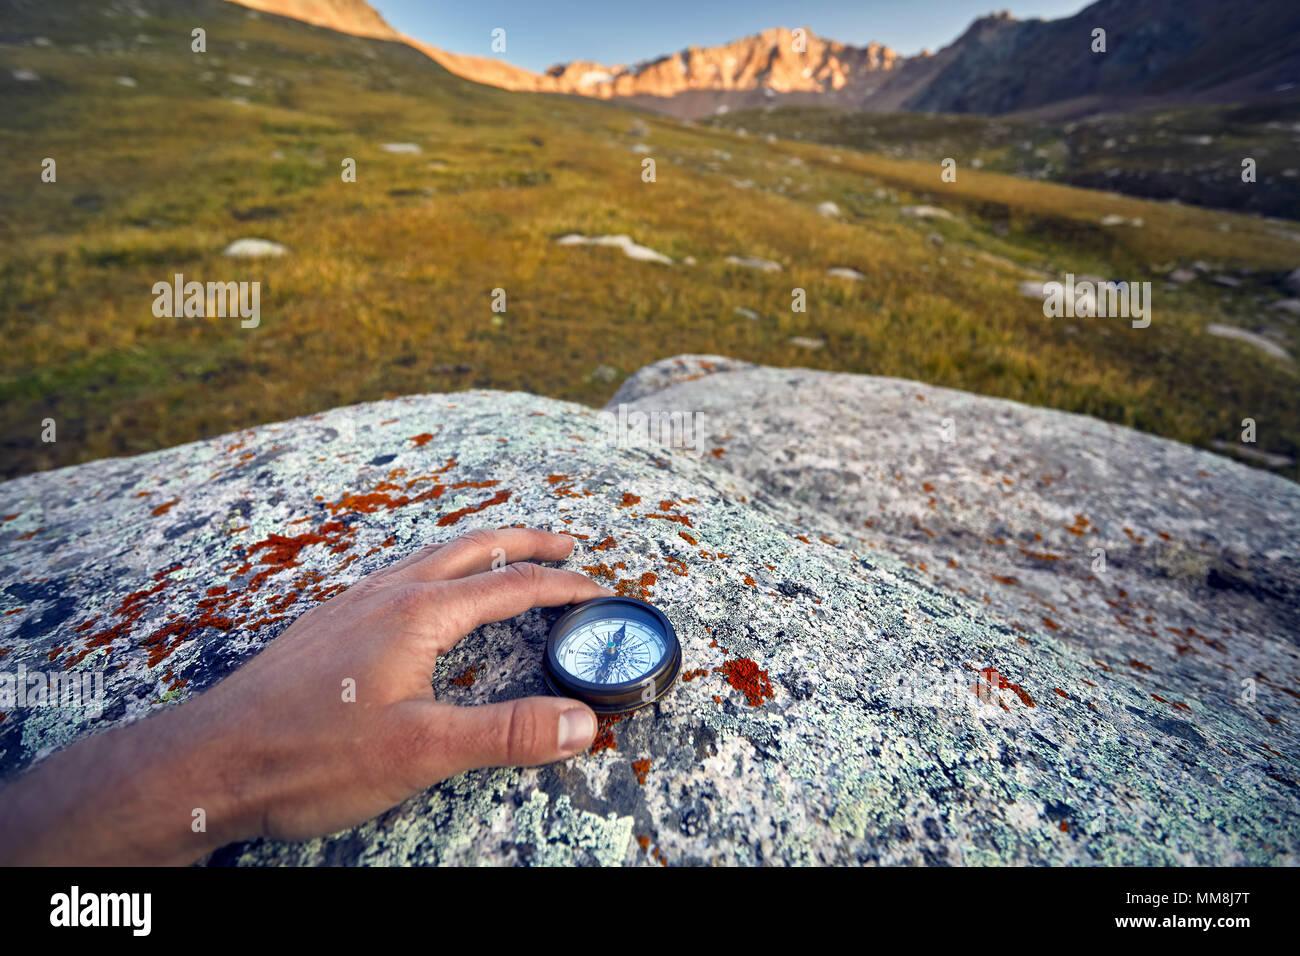 Touristische hand mit Vintage Kompass auf den Bergen im Hintergrund. Reisen und Abenteuer. Stockbild